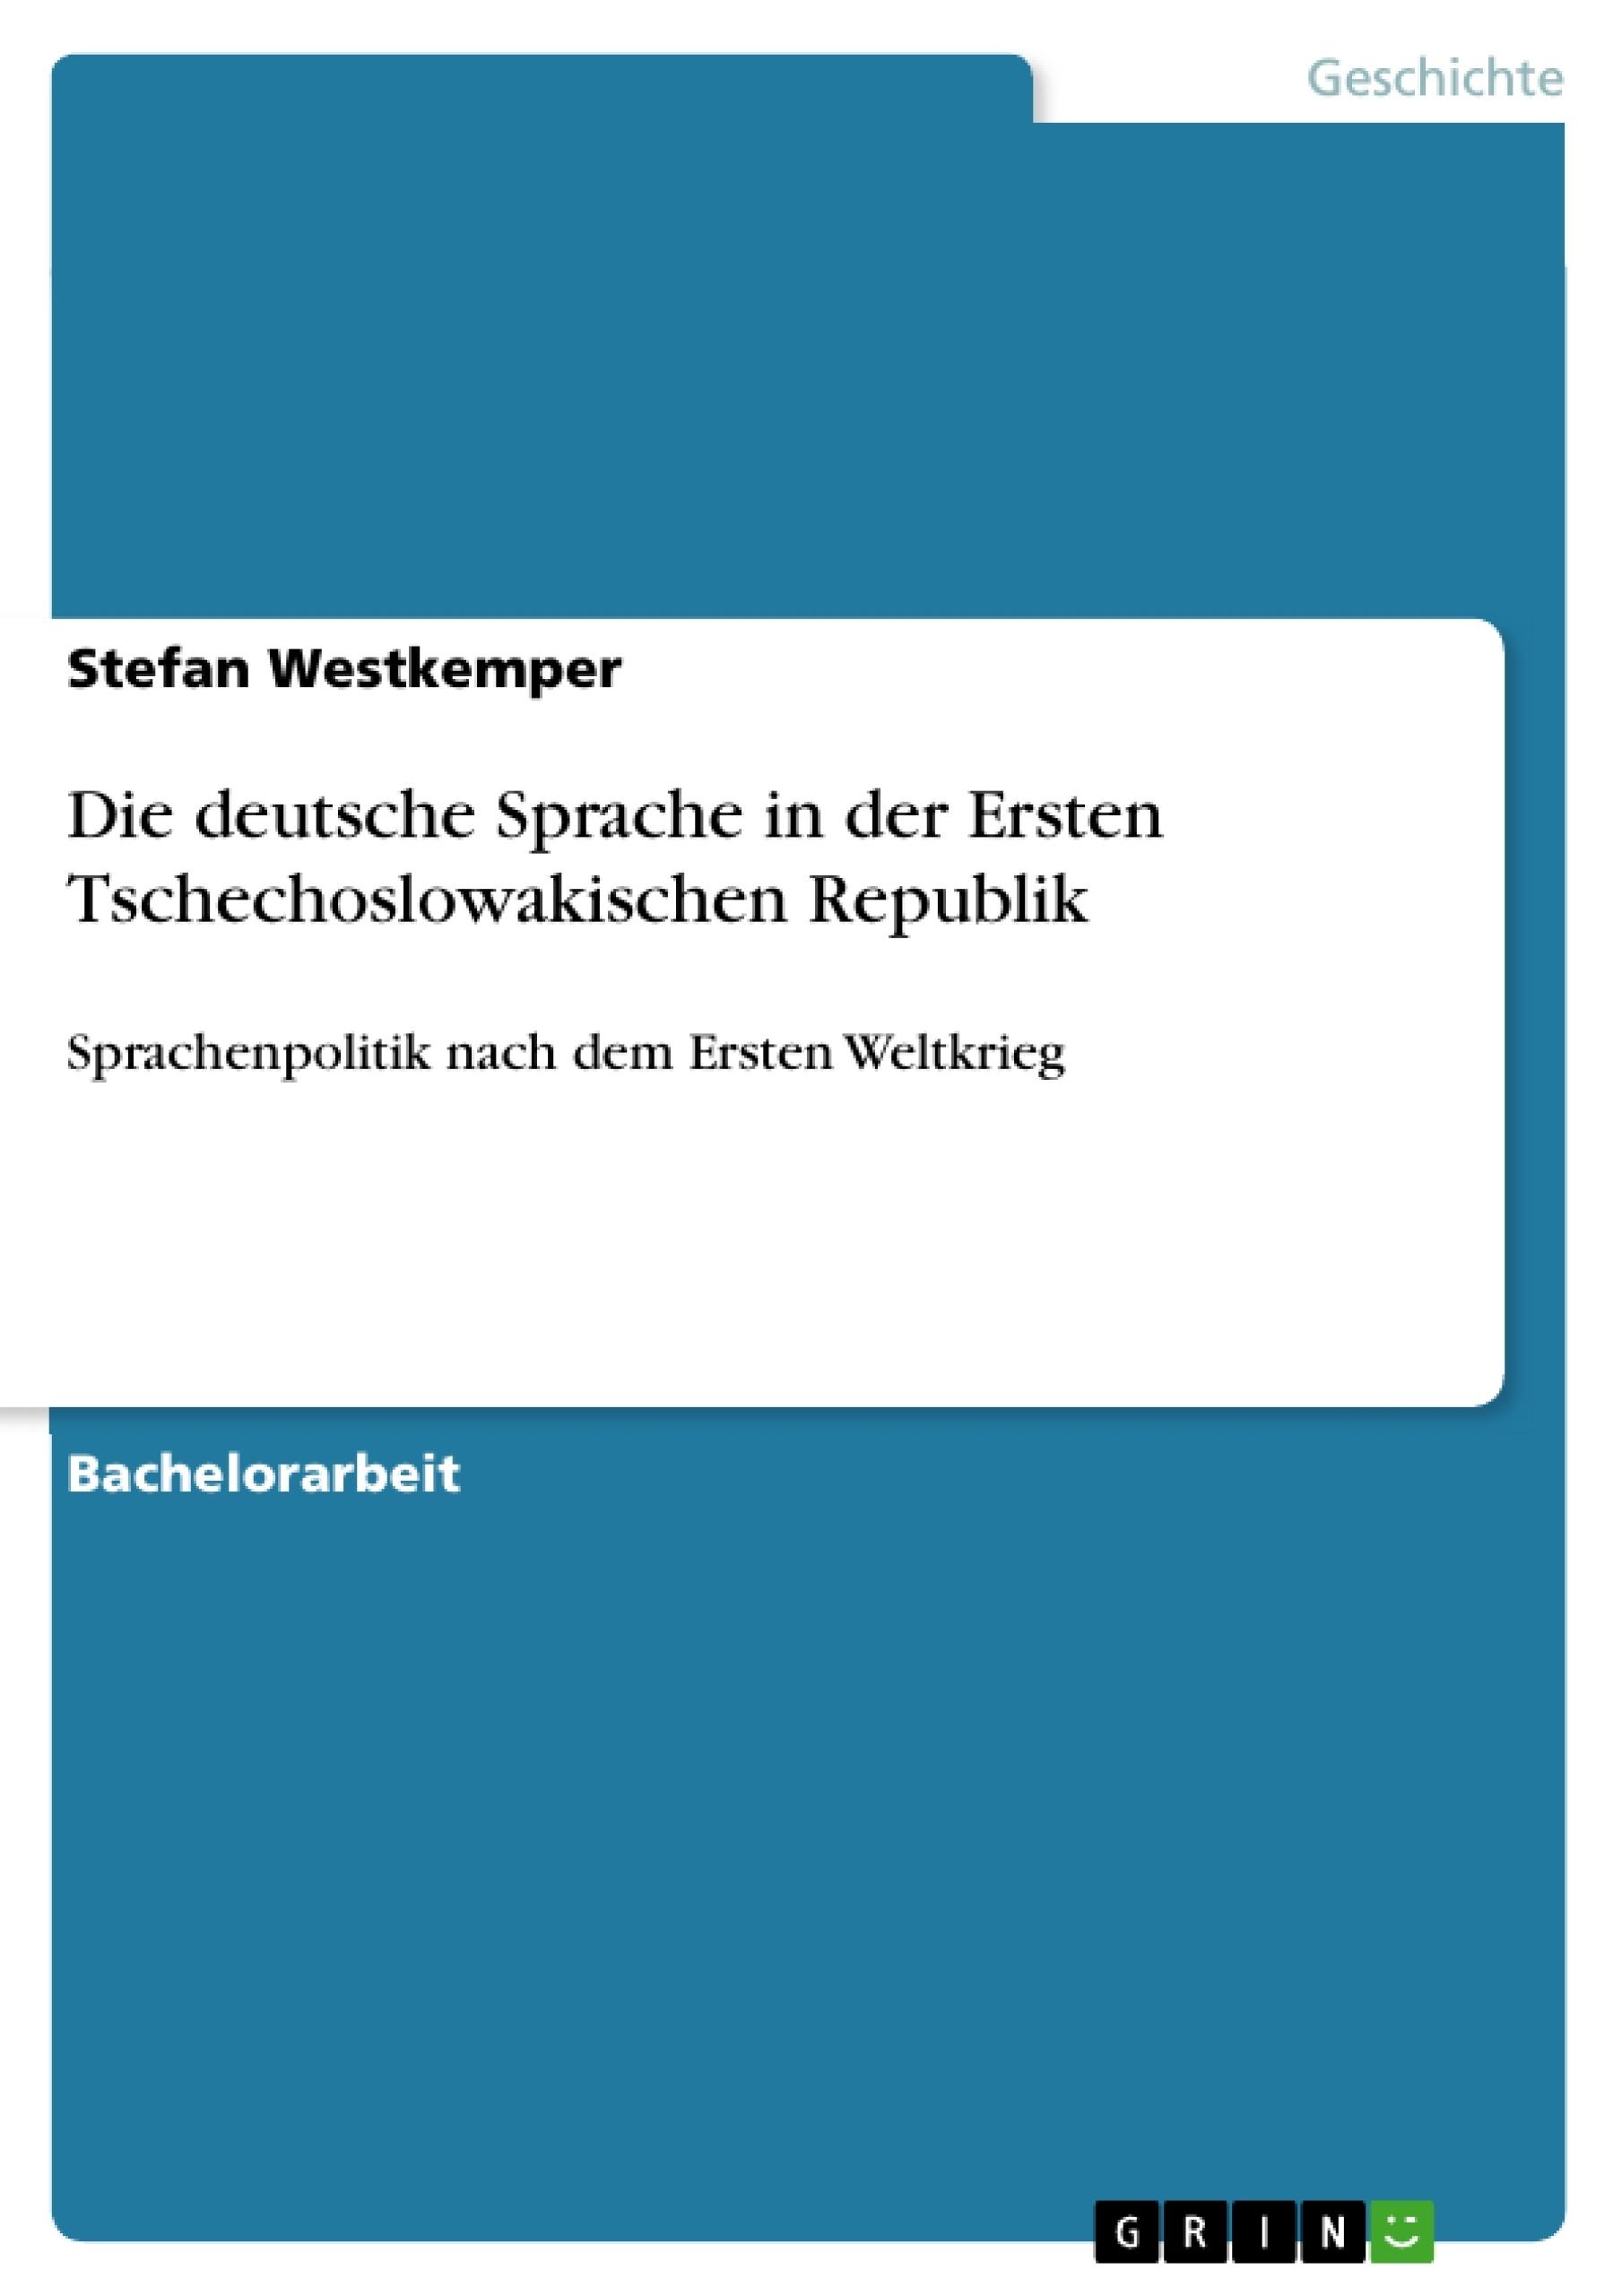 Titel: Die deutsche Sprache in der Ersten Tschechoslowakischen Republik